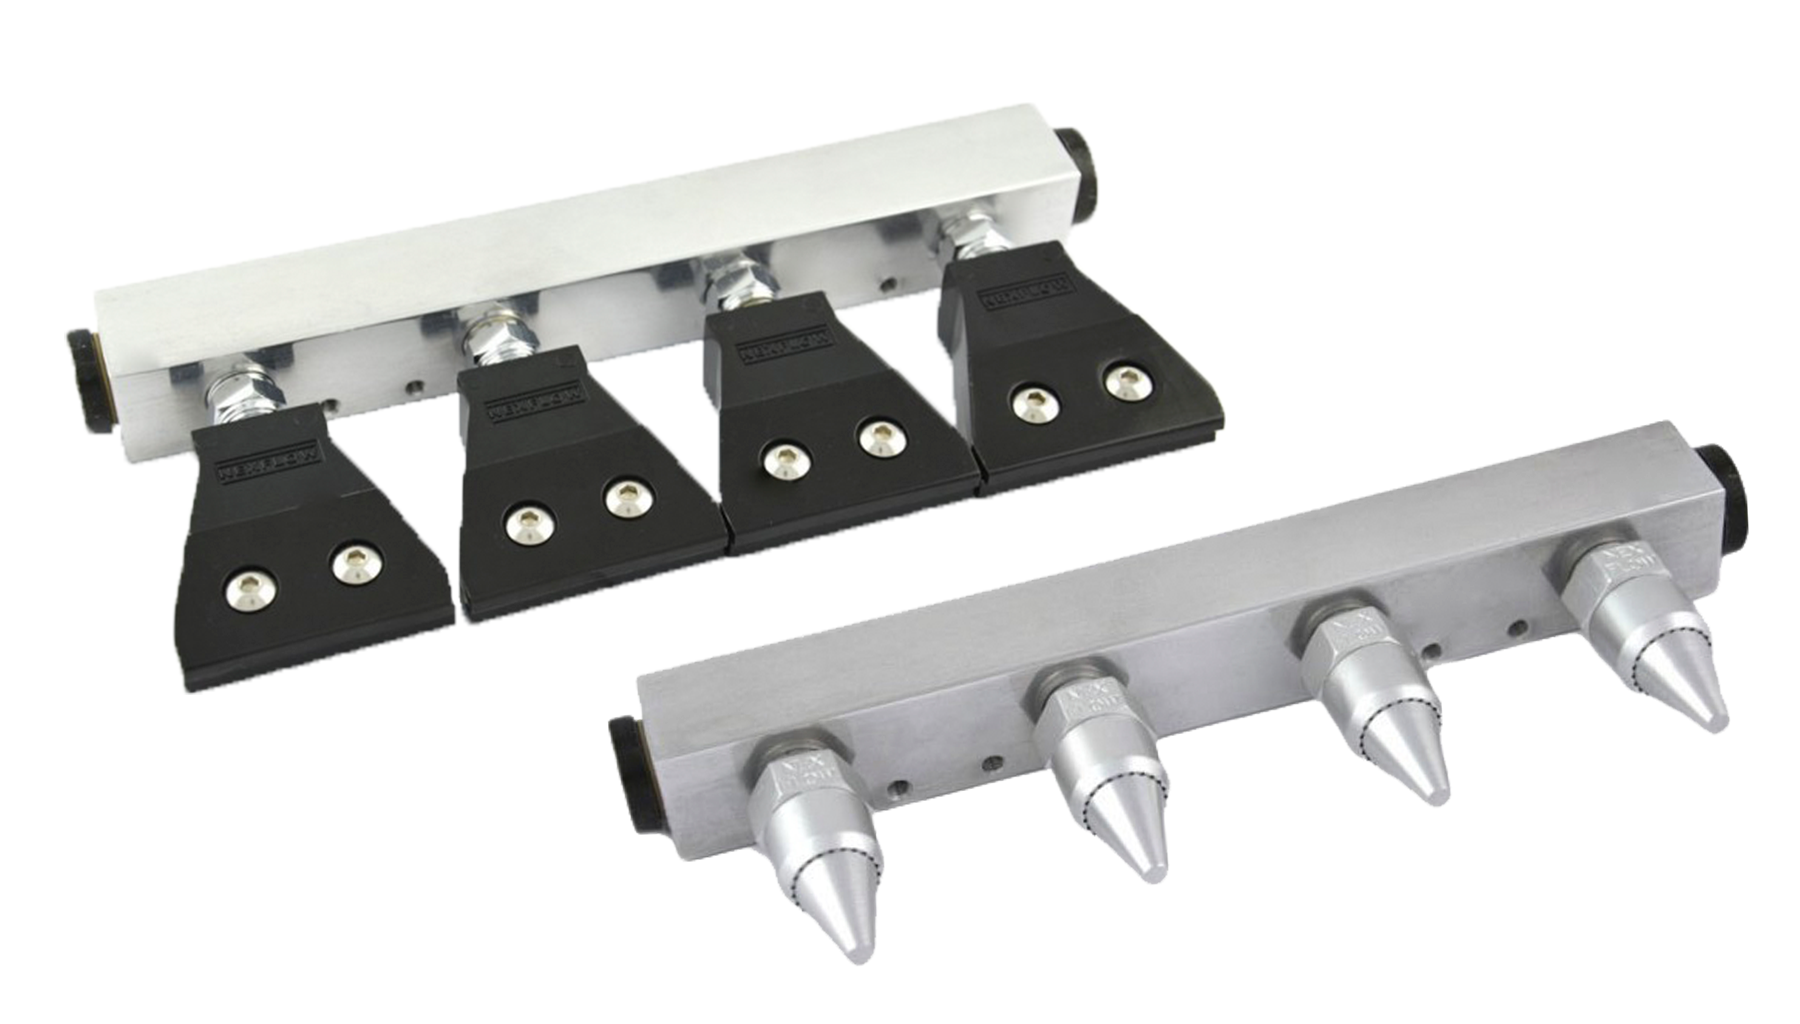 Four air nozzle manifold